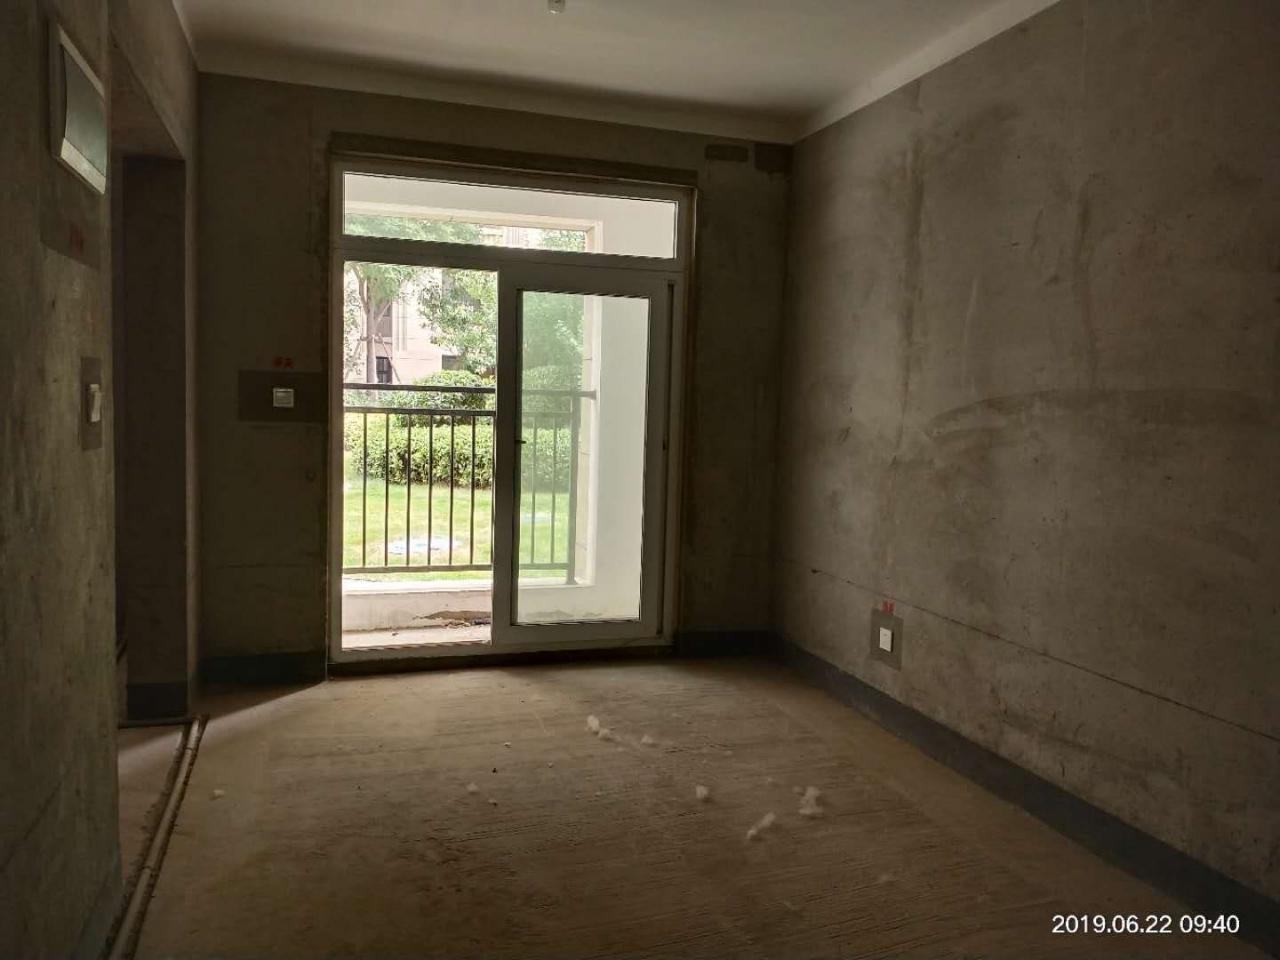 經理推薦建業壹號城邦3室2廳2衛經典戶型